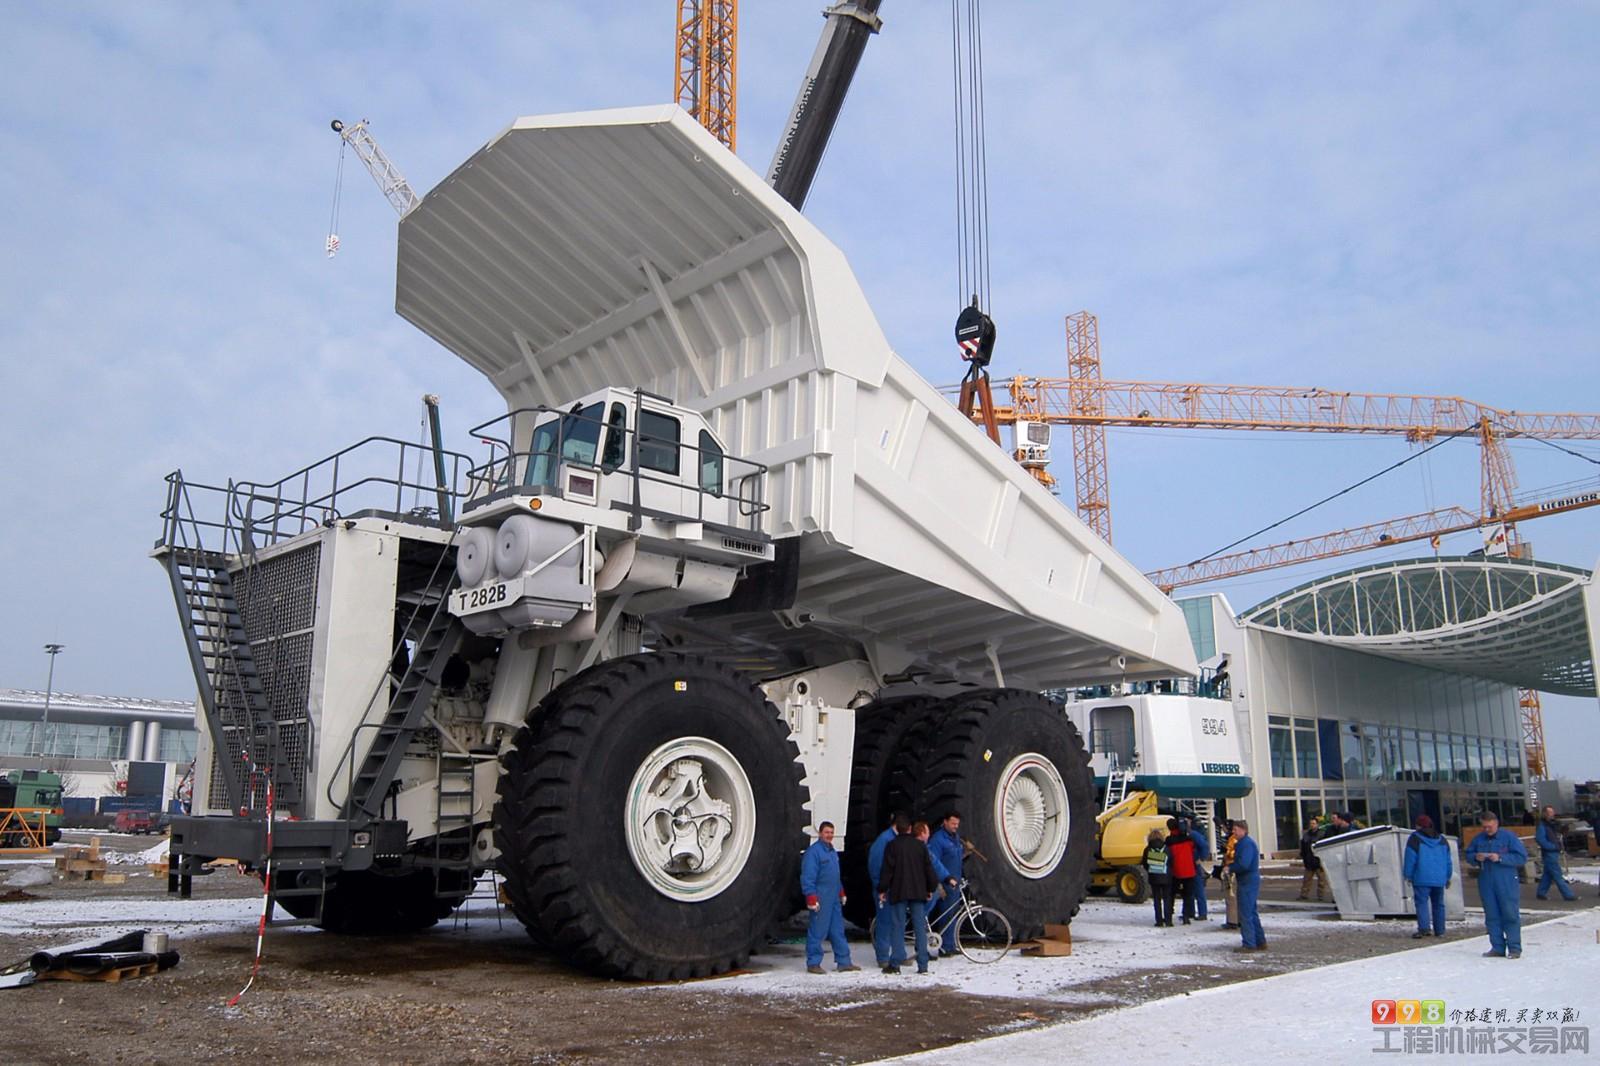 利勃海尔t282b_利勃海尔(liebherr)t282 矿用自卸车图集